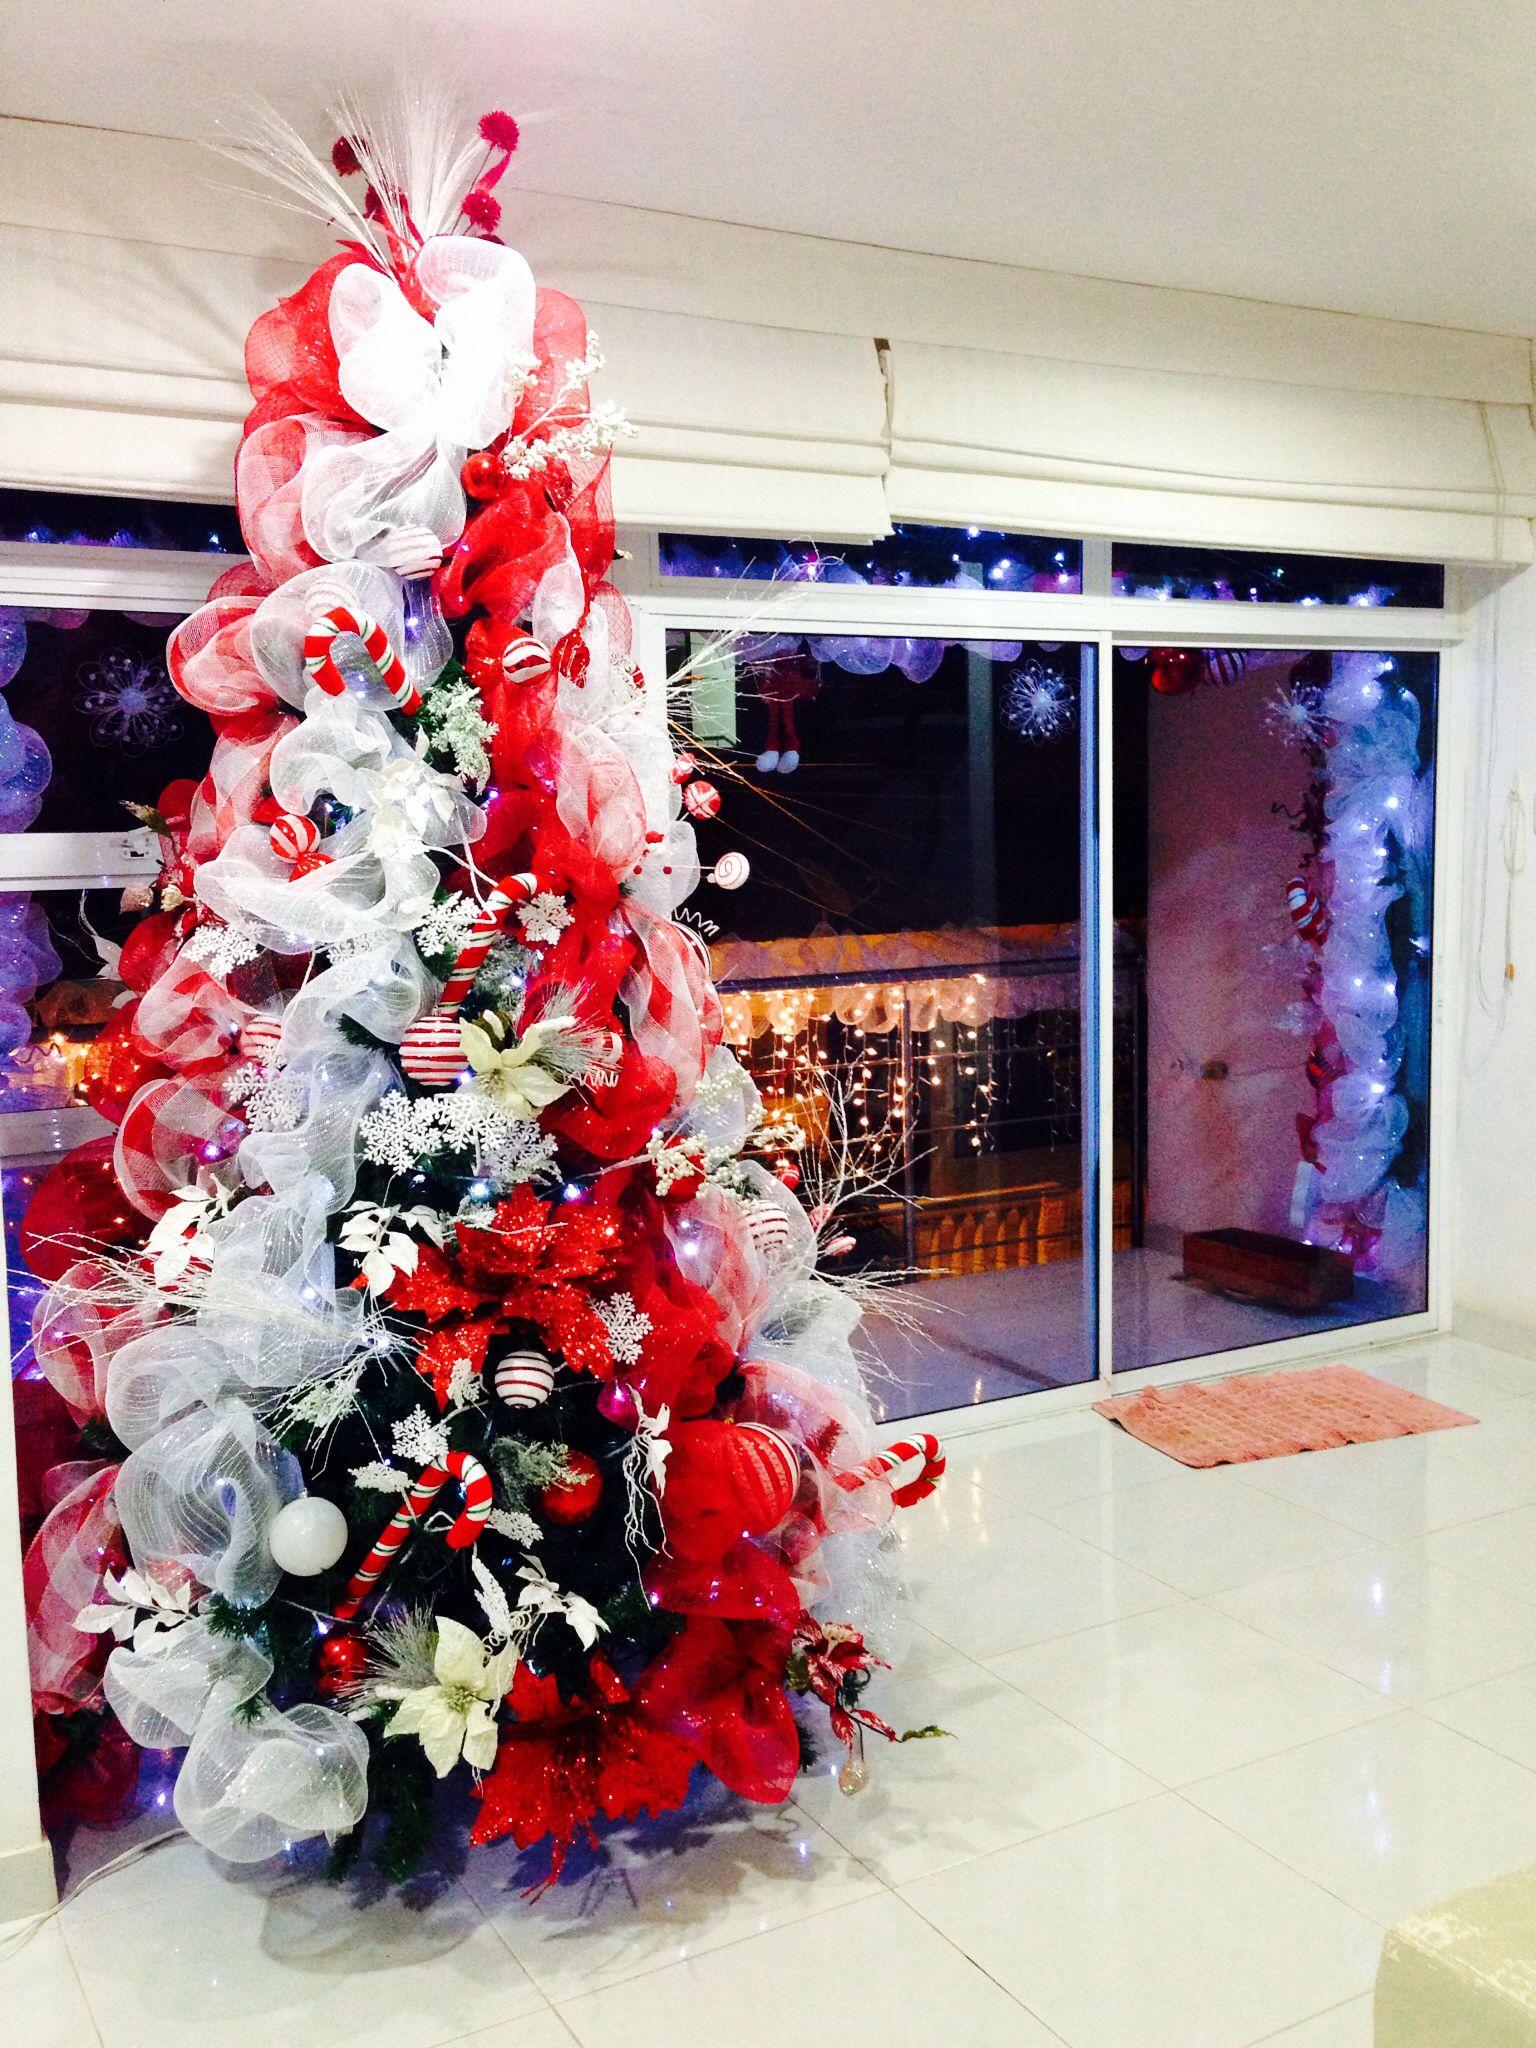 Decoracion navidad rbol rojo y blanco pinos navide os - Decoracion arboles navidenos ...